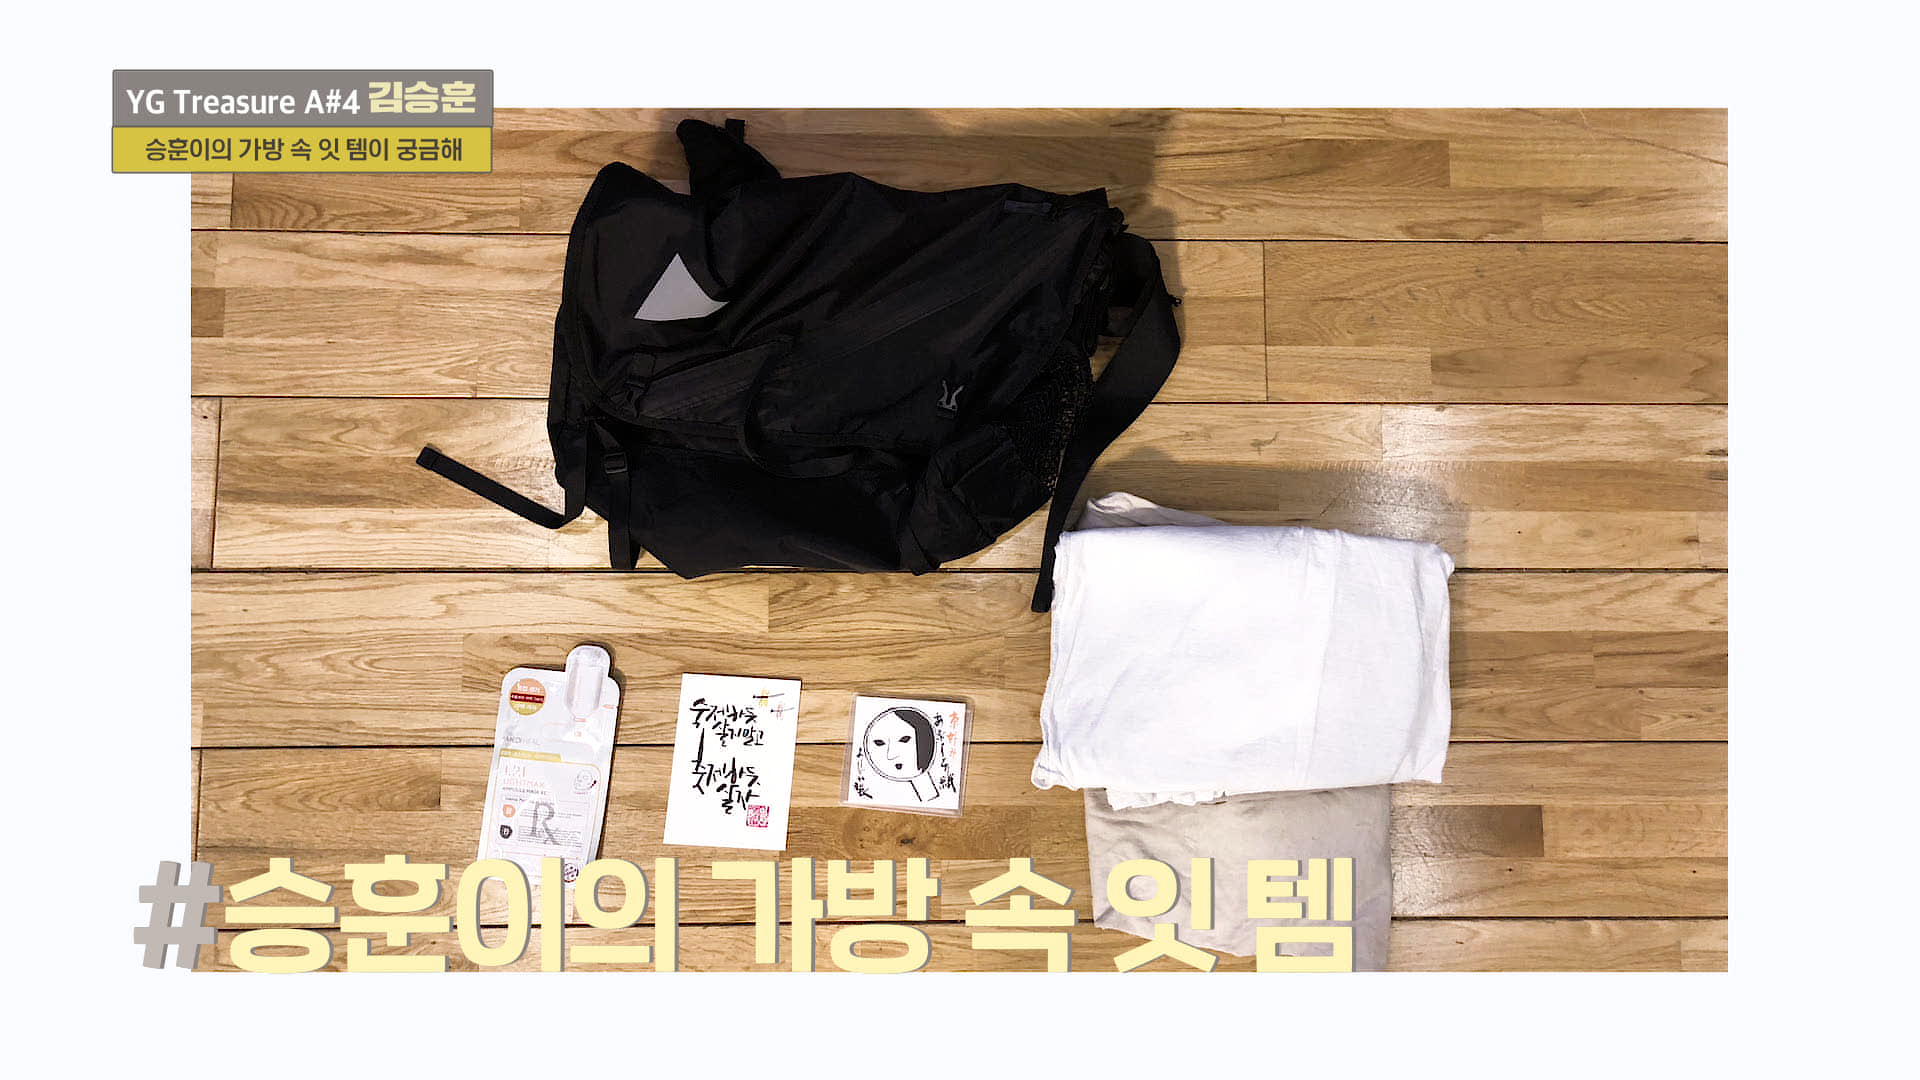 [IN MY BAG] 김승훈 <KIM SEUNGHUN> l YG보석함